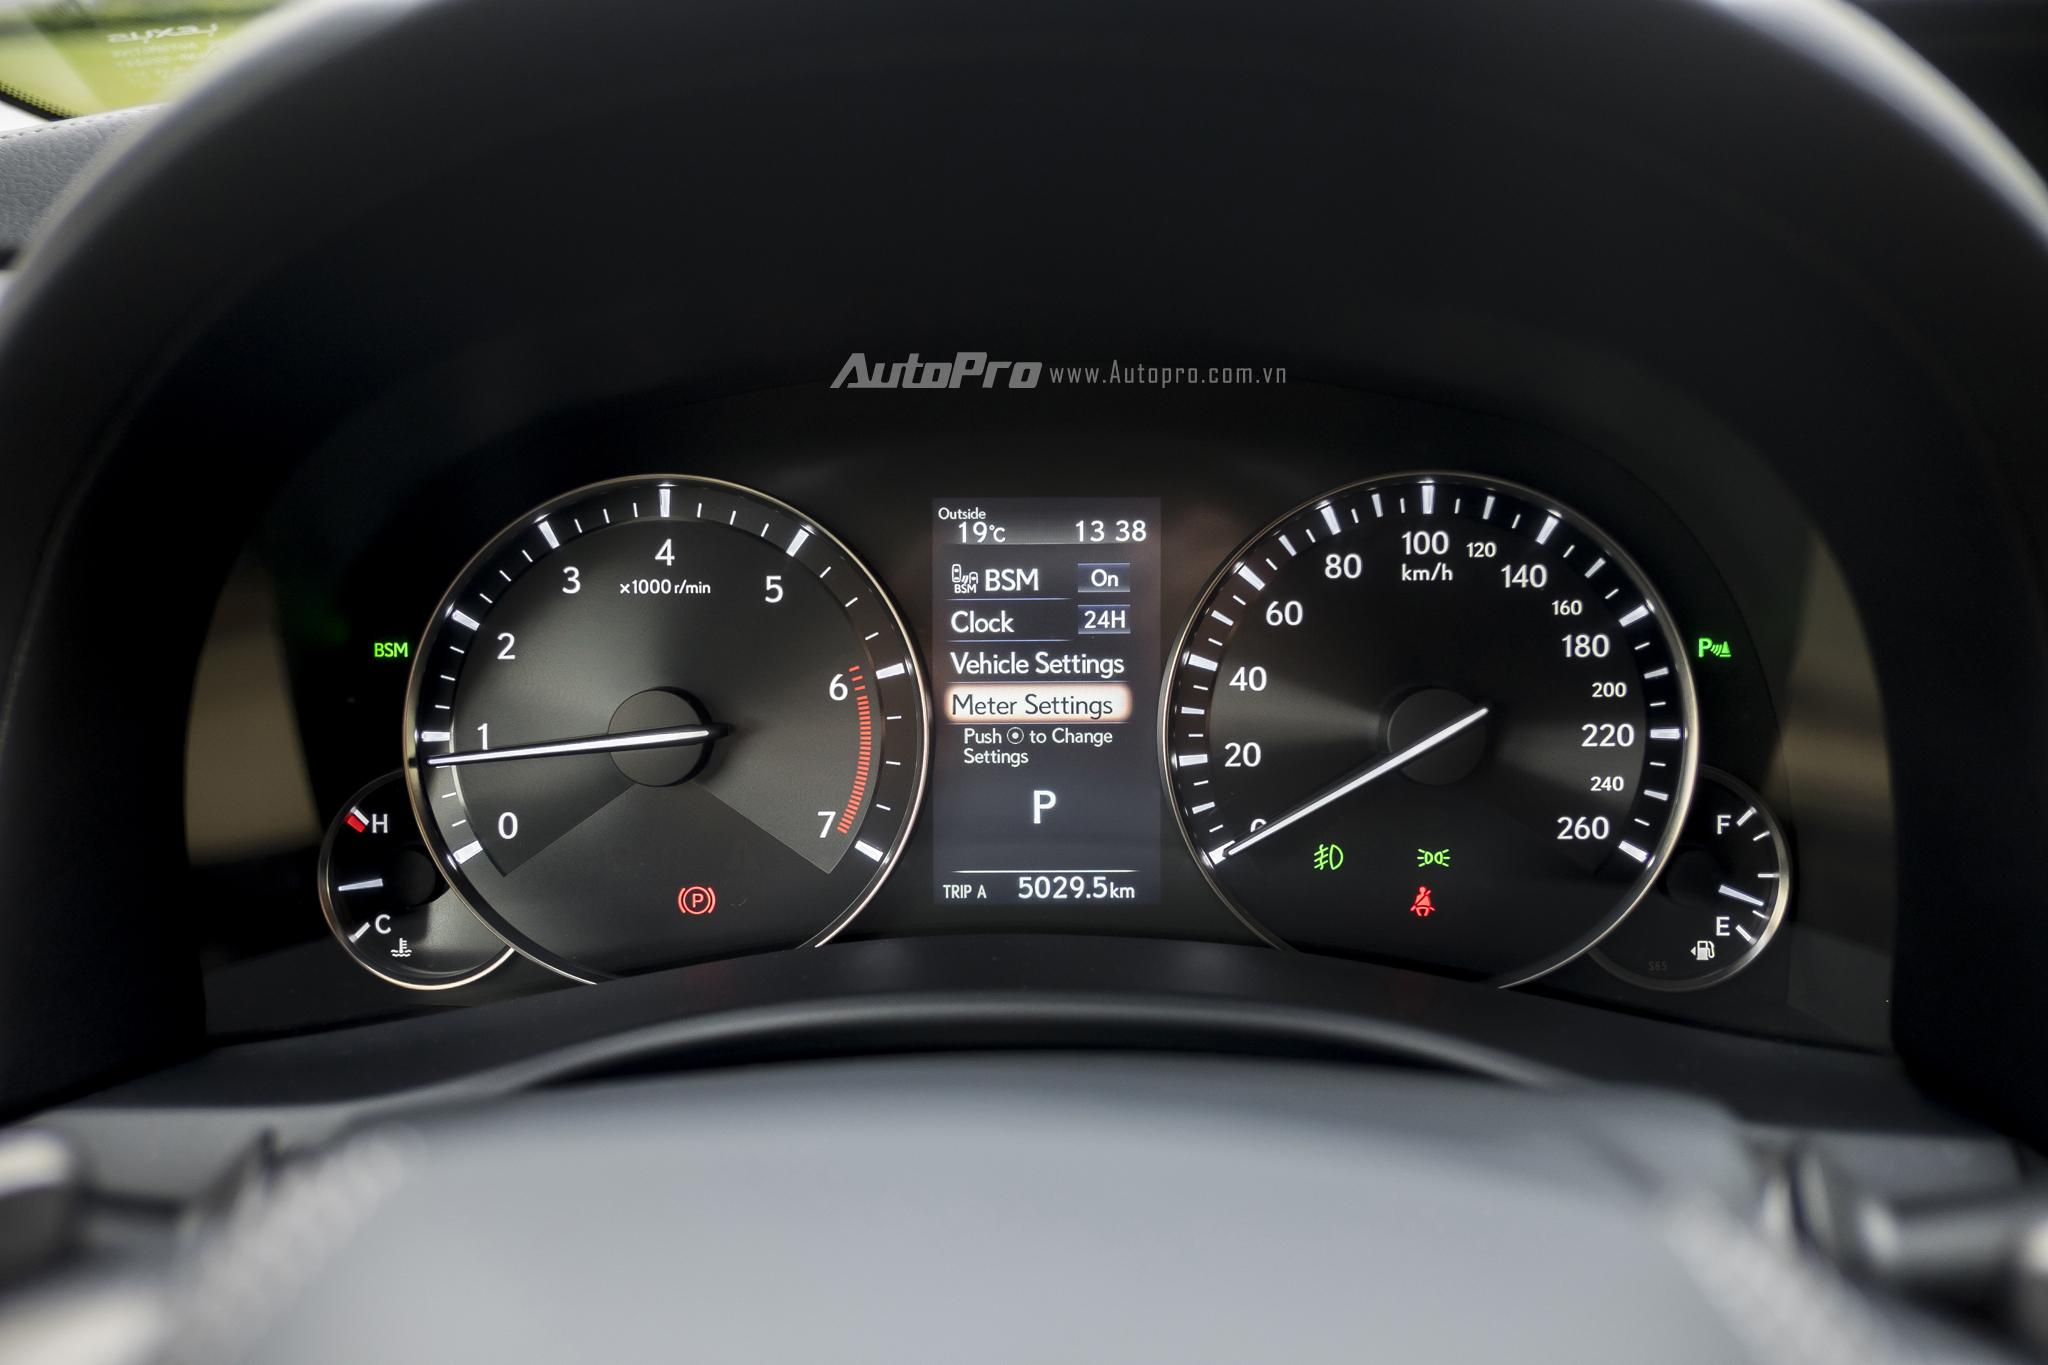 Phía sau vô-lăng là hệ thống hiển thị thông tin với 2 đồng hồ cơ cỡ lớn cho tốc độ và vòng tua máy. Trong khi đó, 2 đồng hồ cơ cỡ nhỏ hiển thị nhiên liệu và nhiệt độ động cơ. Ngoài ra, còn một màn hình điện tử hiển thị đa thông tin cho người lái xe.